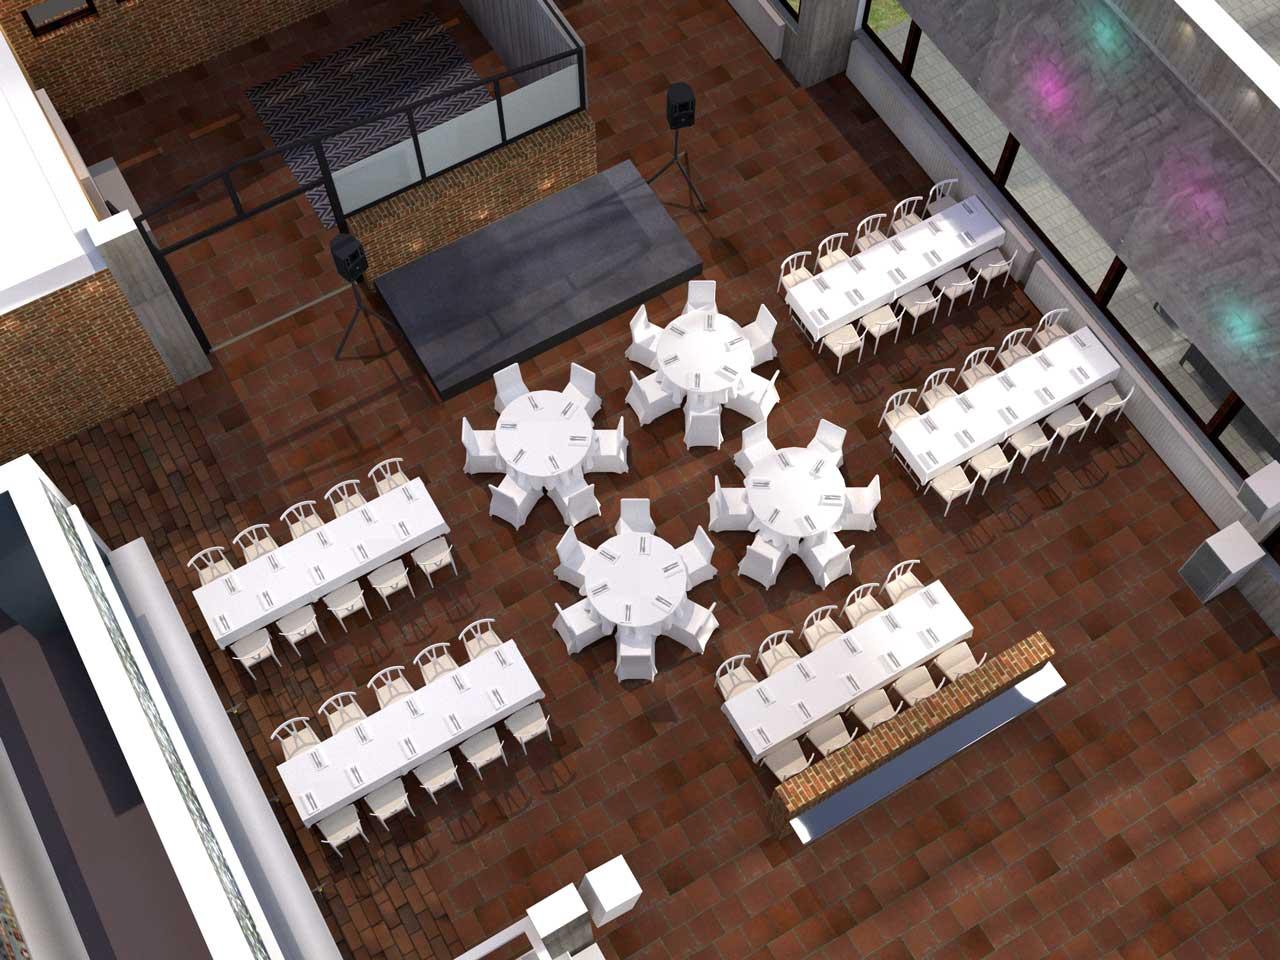 Placeringsskiss, Syster o Bror, Bröllopsdukning för 74 gäster